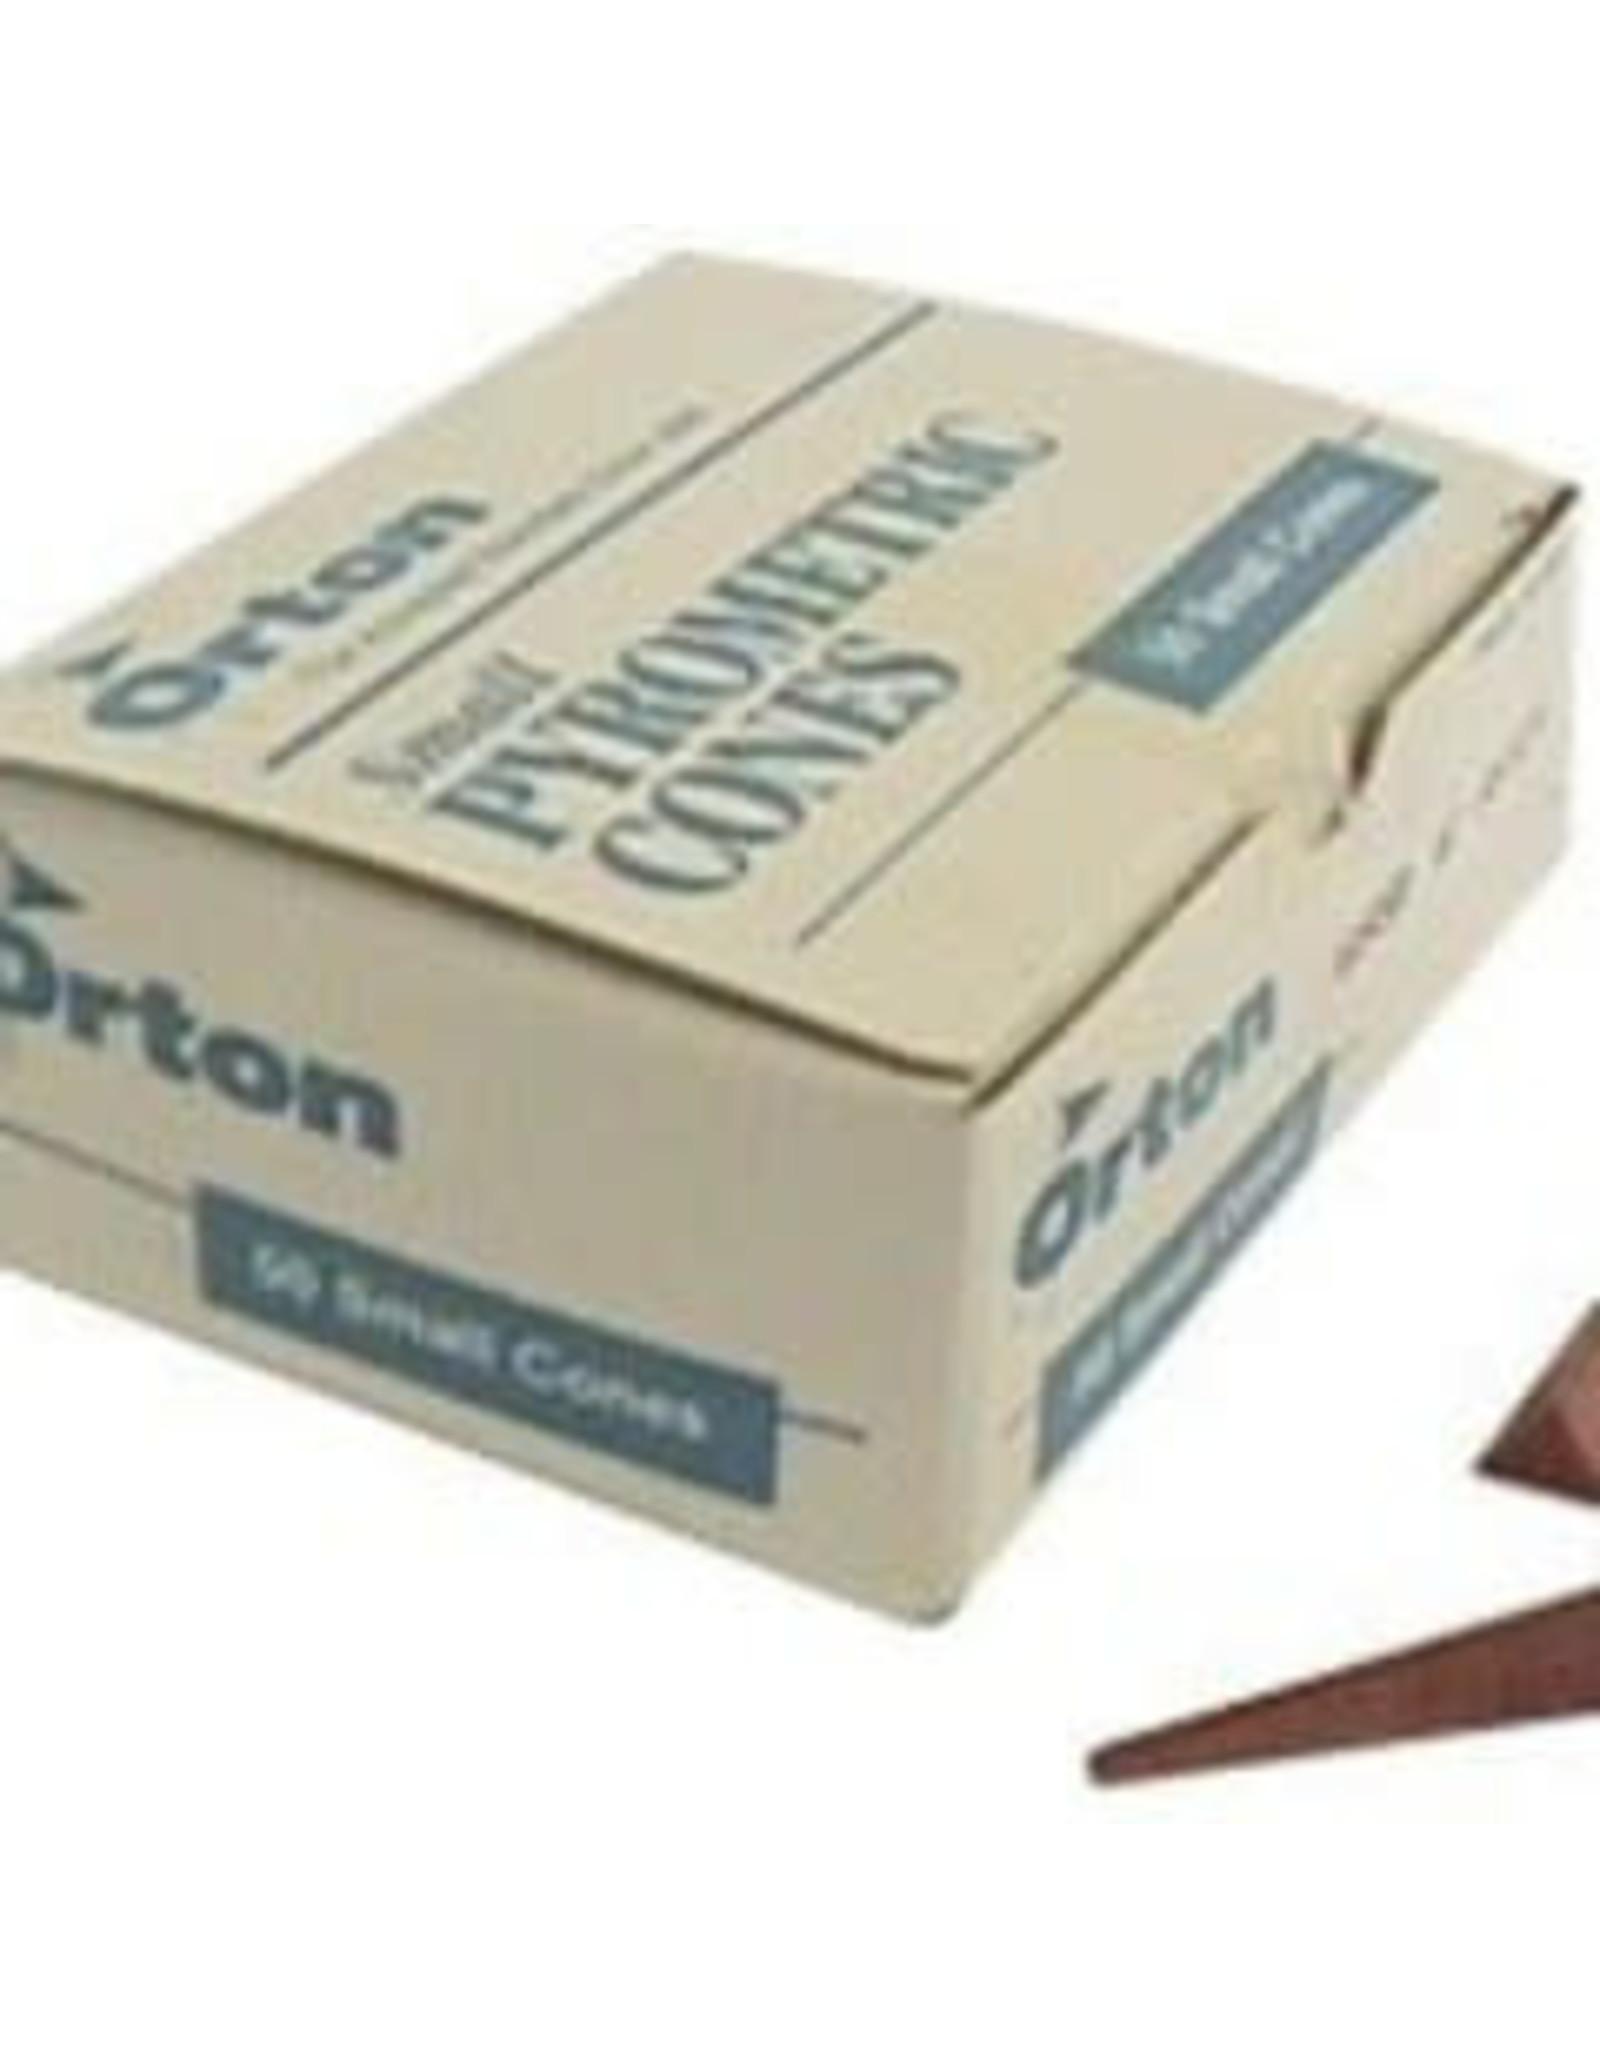 Orton small cone 018 (x10)